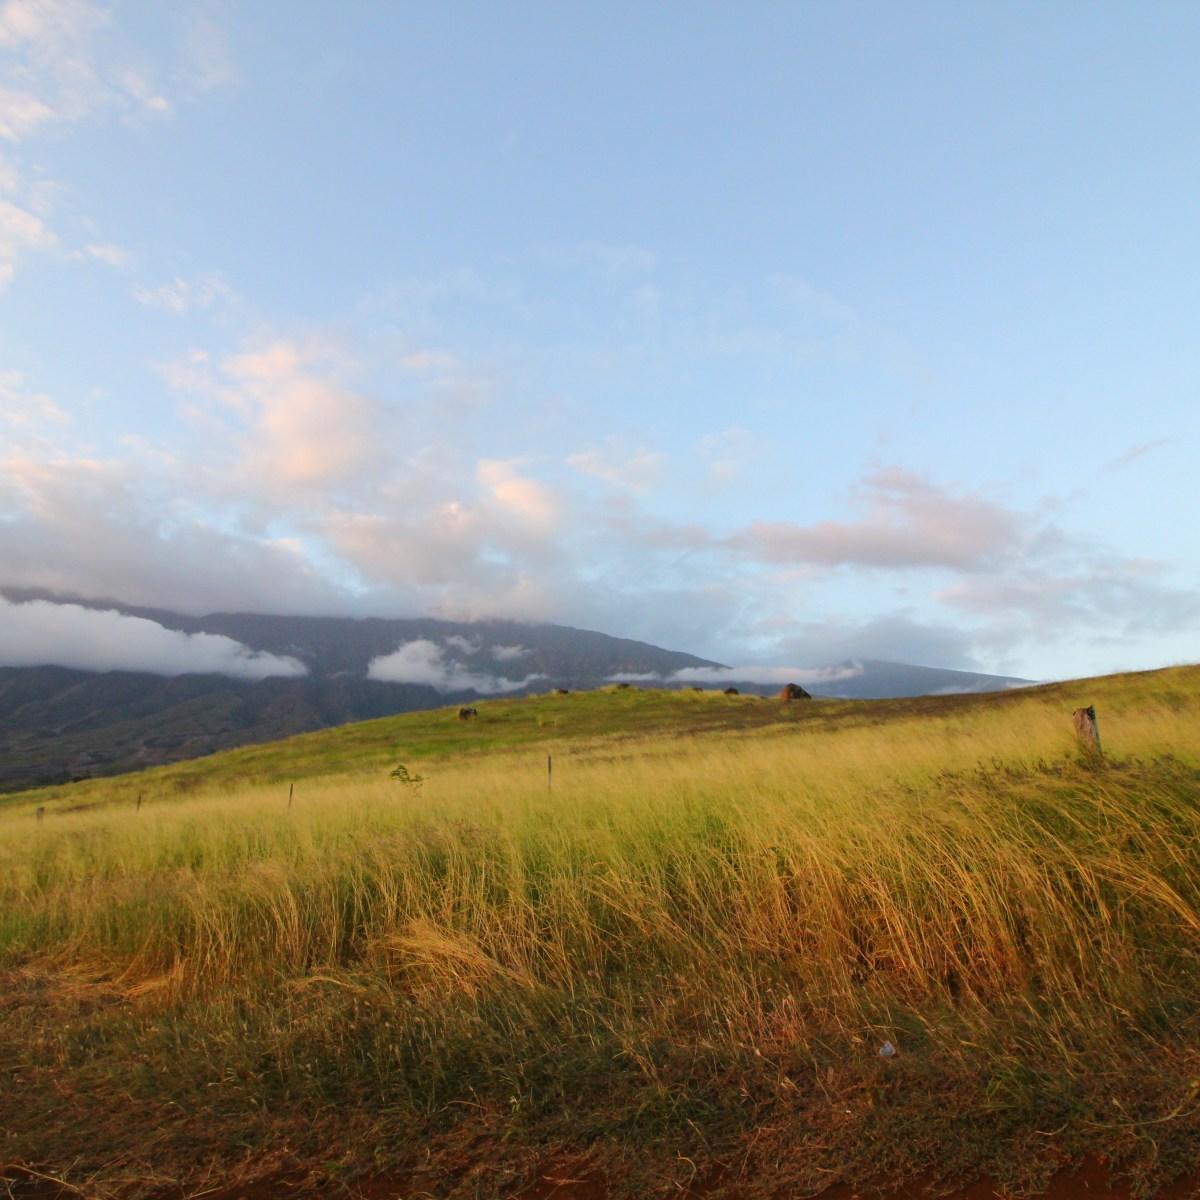 Maui Hawaii Hana Highway